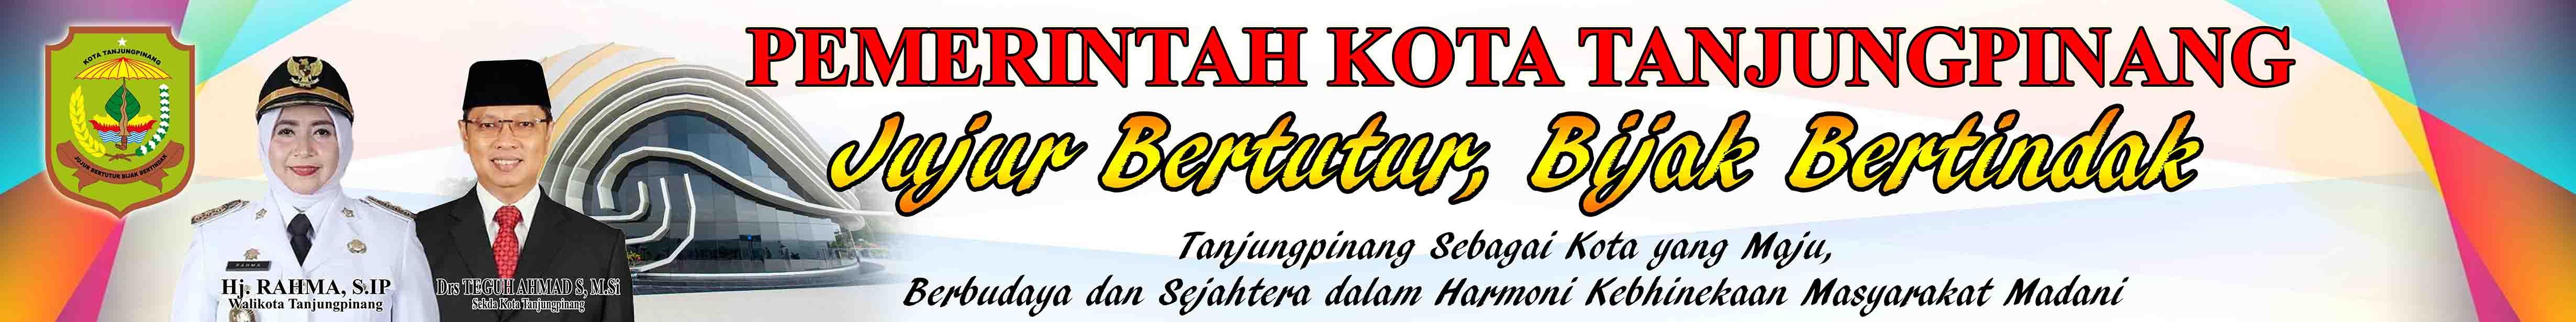 banner 4921x615